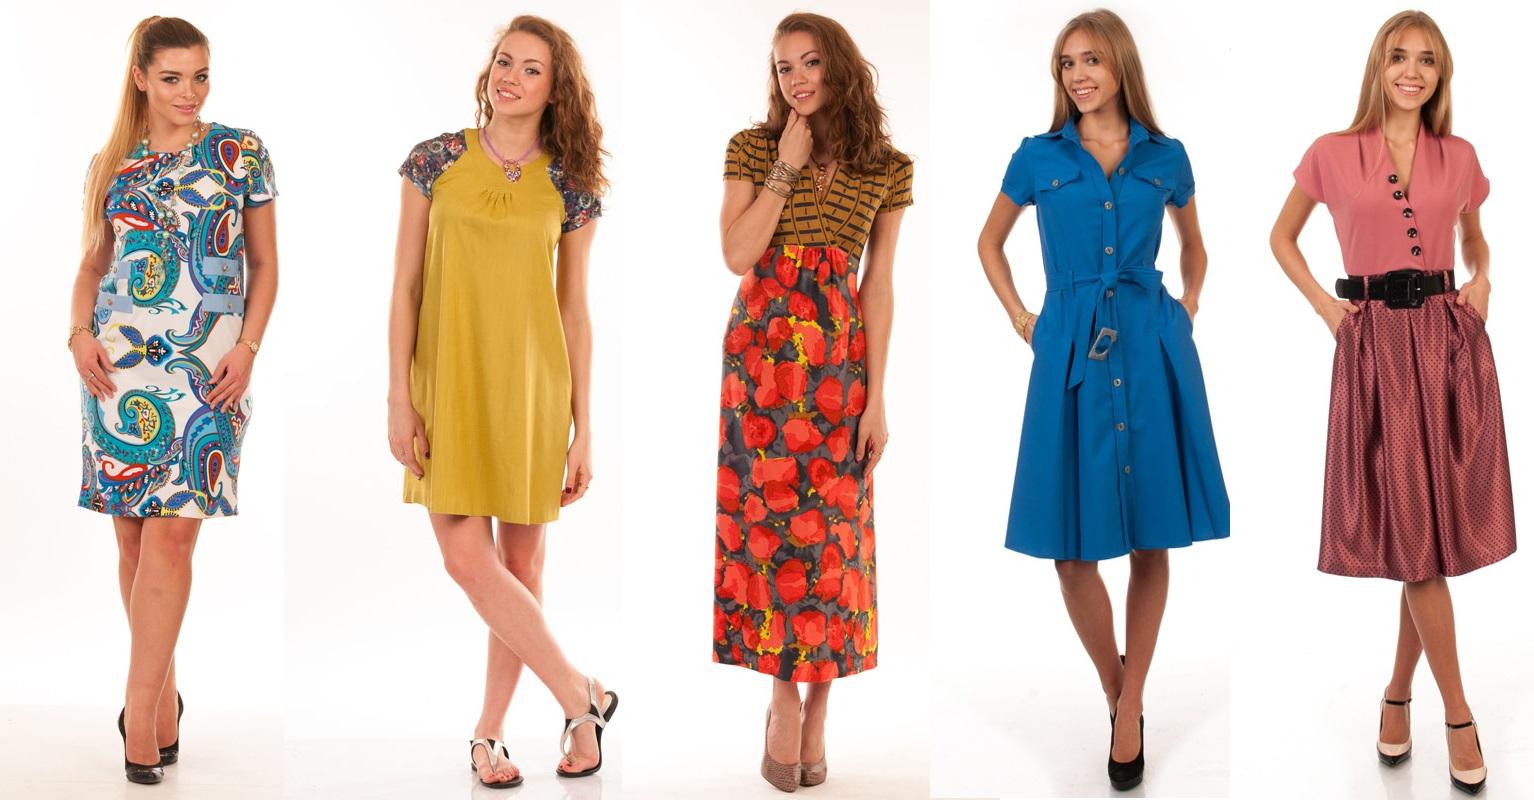 Деловое, праздничное, повседневное - платье на любой вкус 11! От 42 до 58 р-ра. На высокий рост! Распродажа! Без рядов!